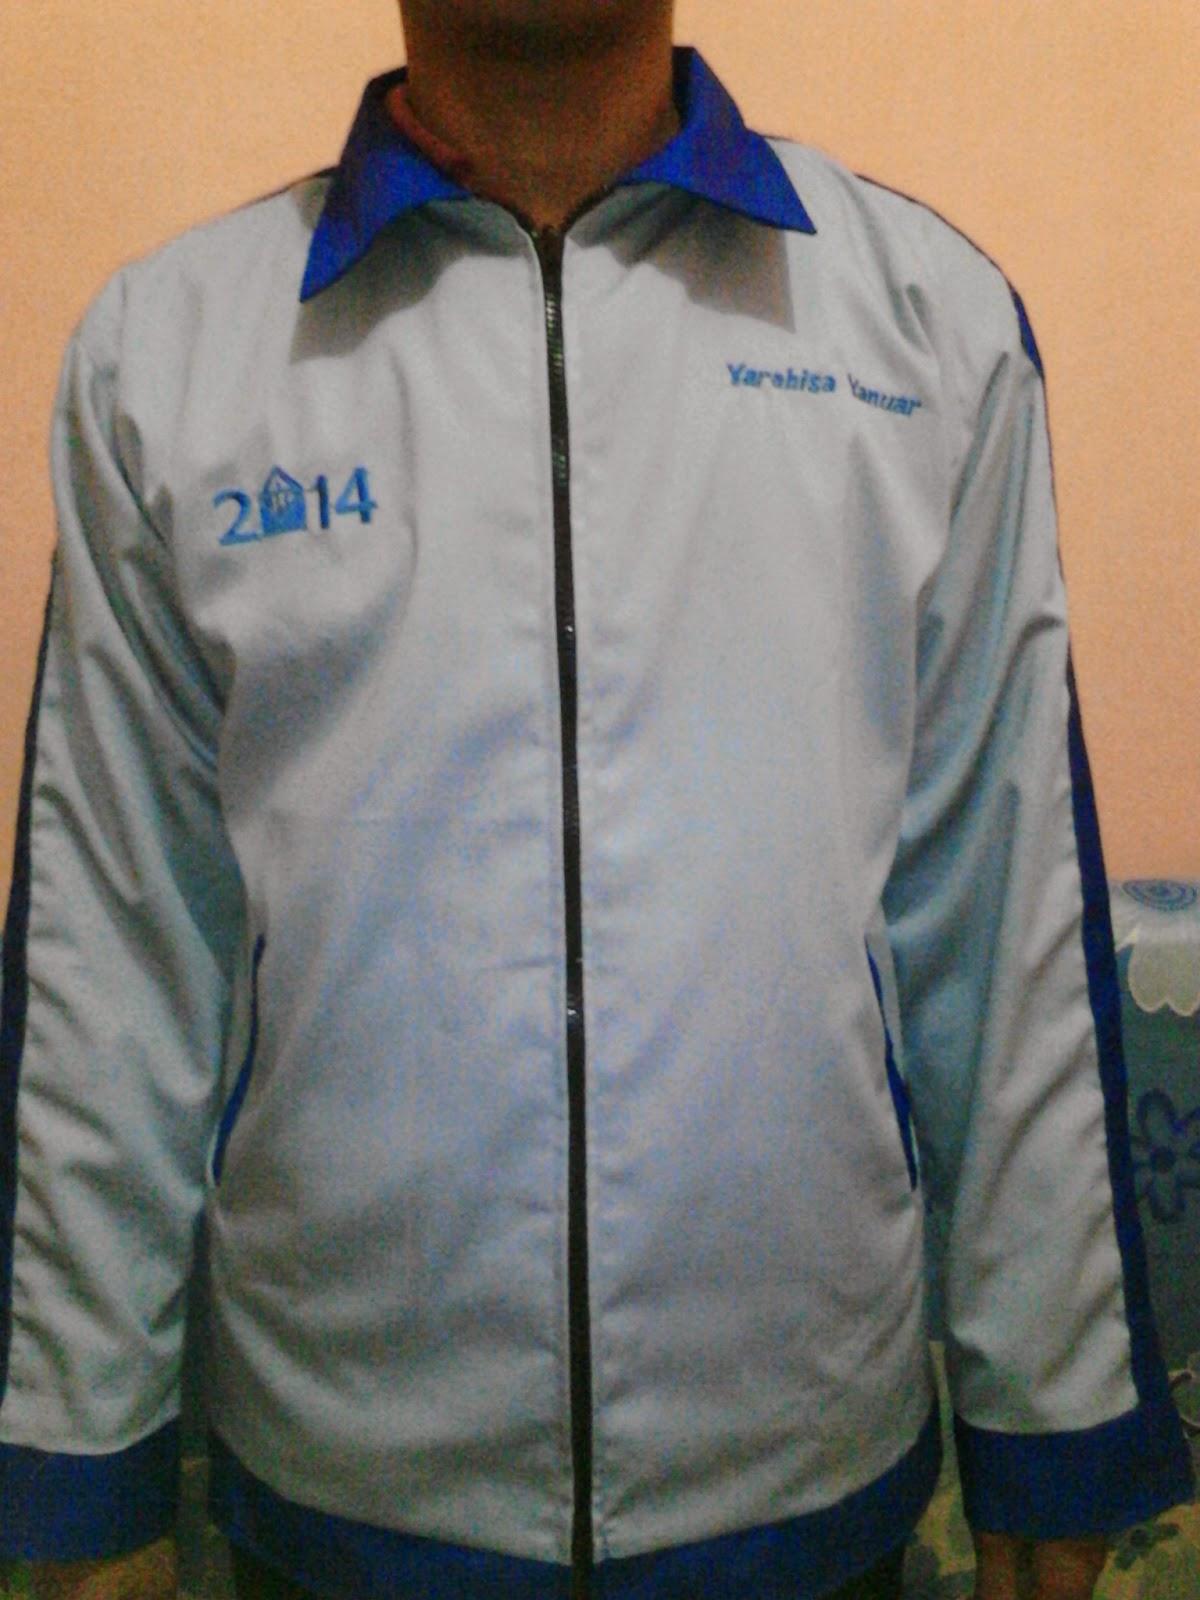 Jaket Parka Lebih B K Digunakan Di Daerah Daerah Subtropis Jarang Sekali Dipakai Di Negara Tropis Seperti Indonesia Model Jaket Parka Ini Lebih Panjang